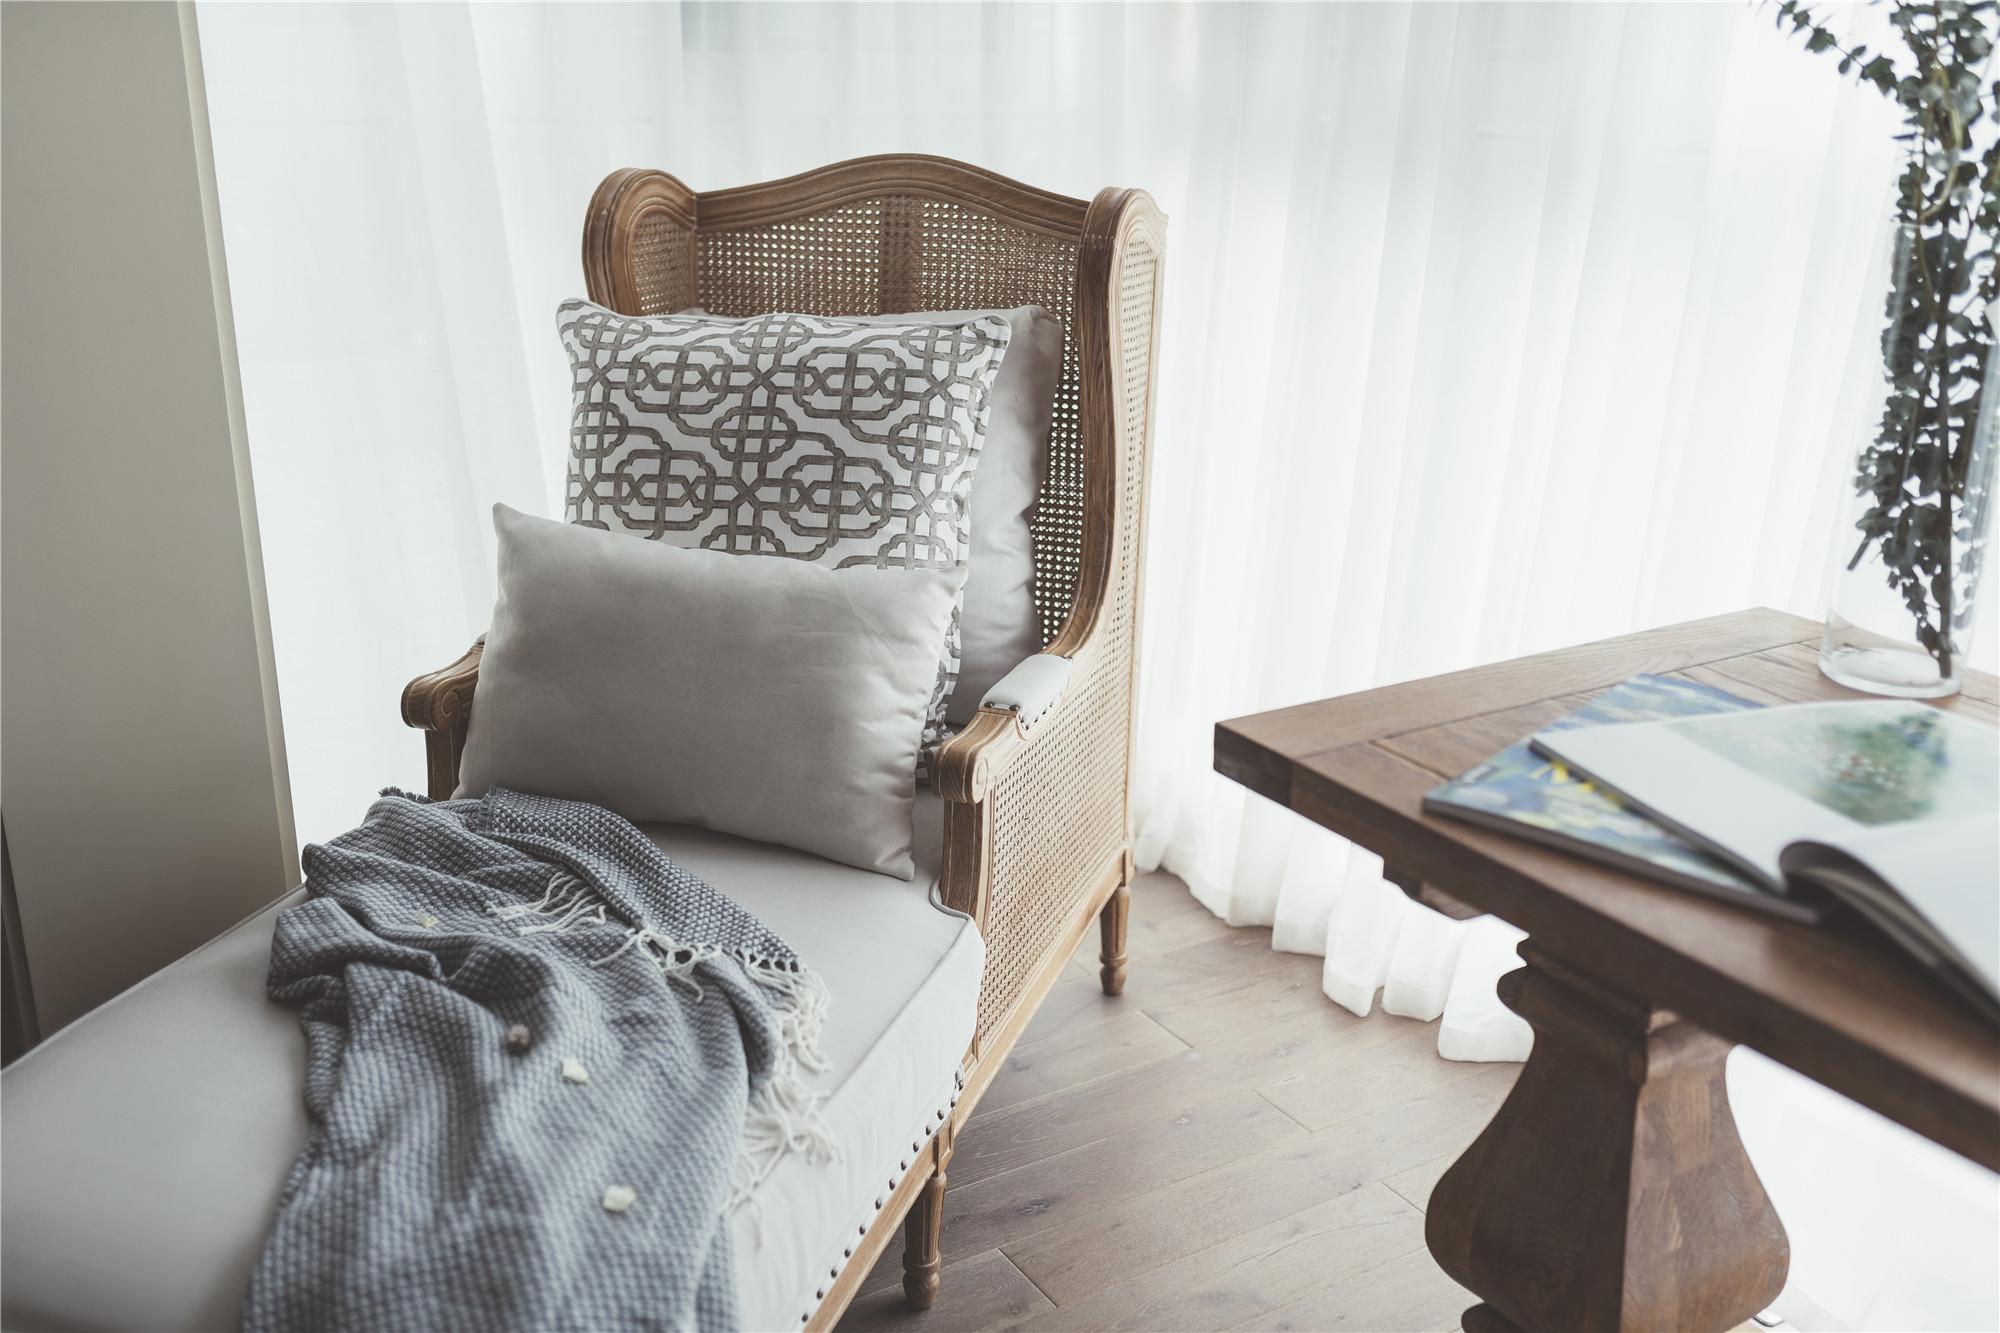 110㎡休闲法式风装修休闲躺椅设计